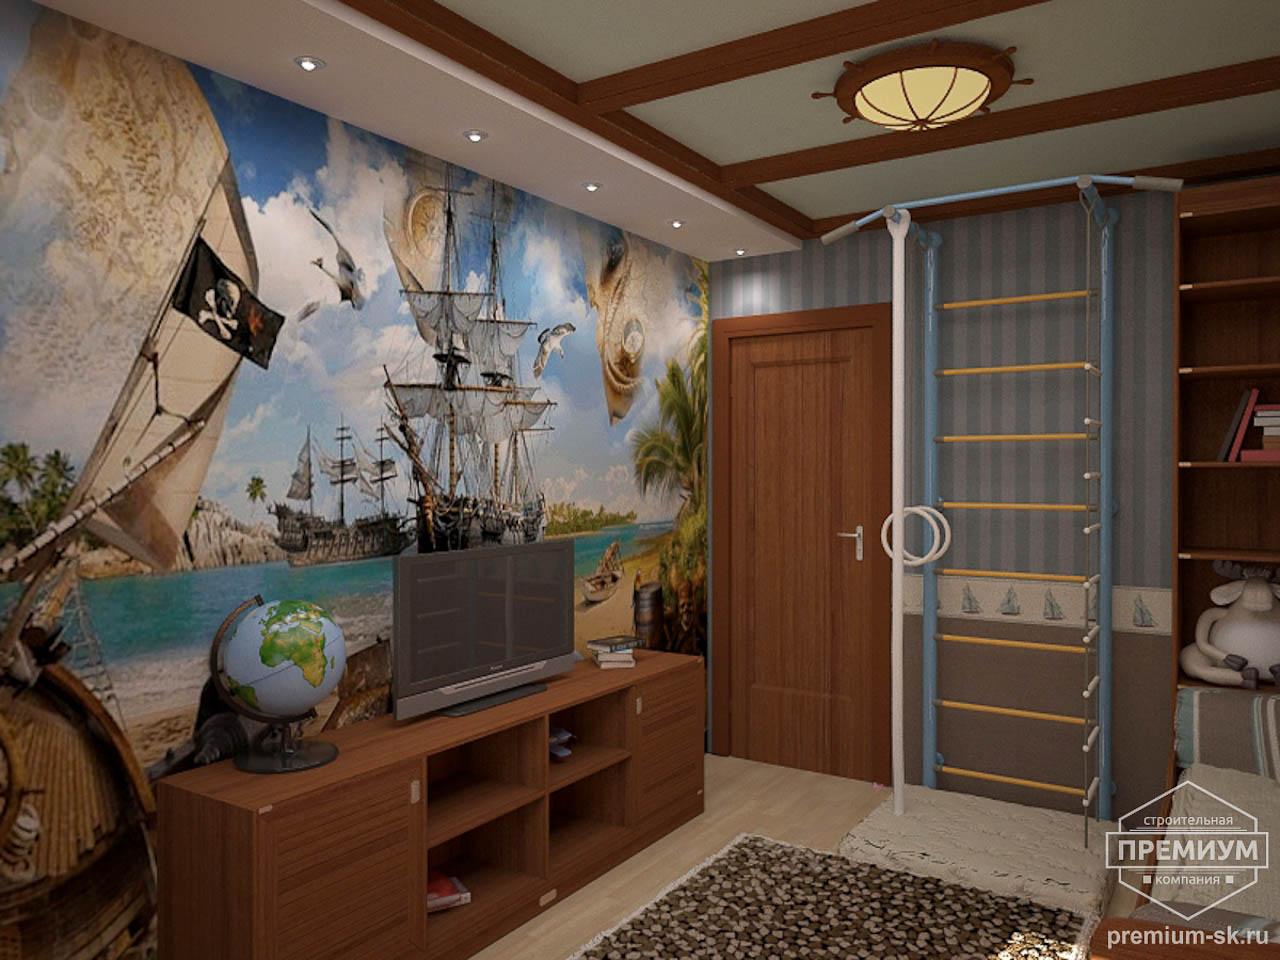 Дизайн интерьера детской по ул. Фролова 31 img532478289